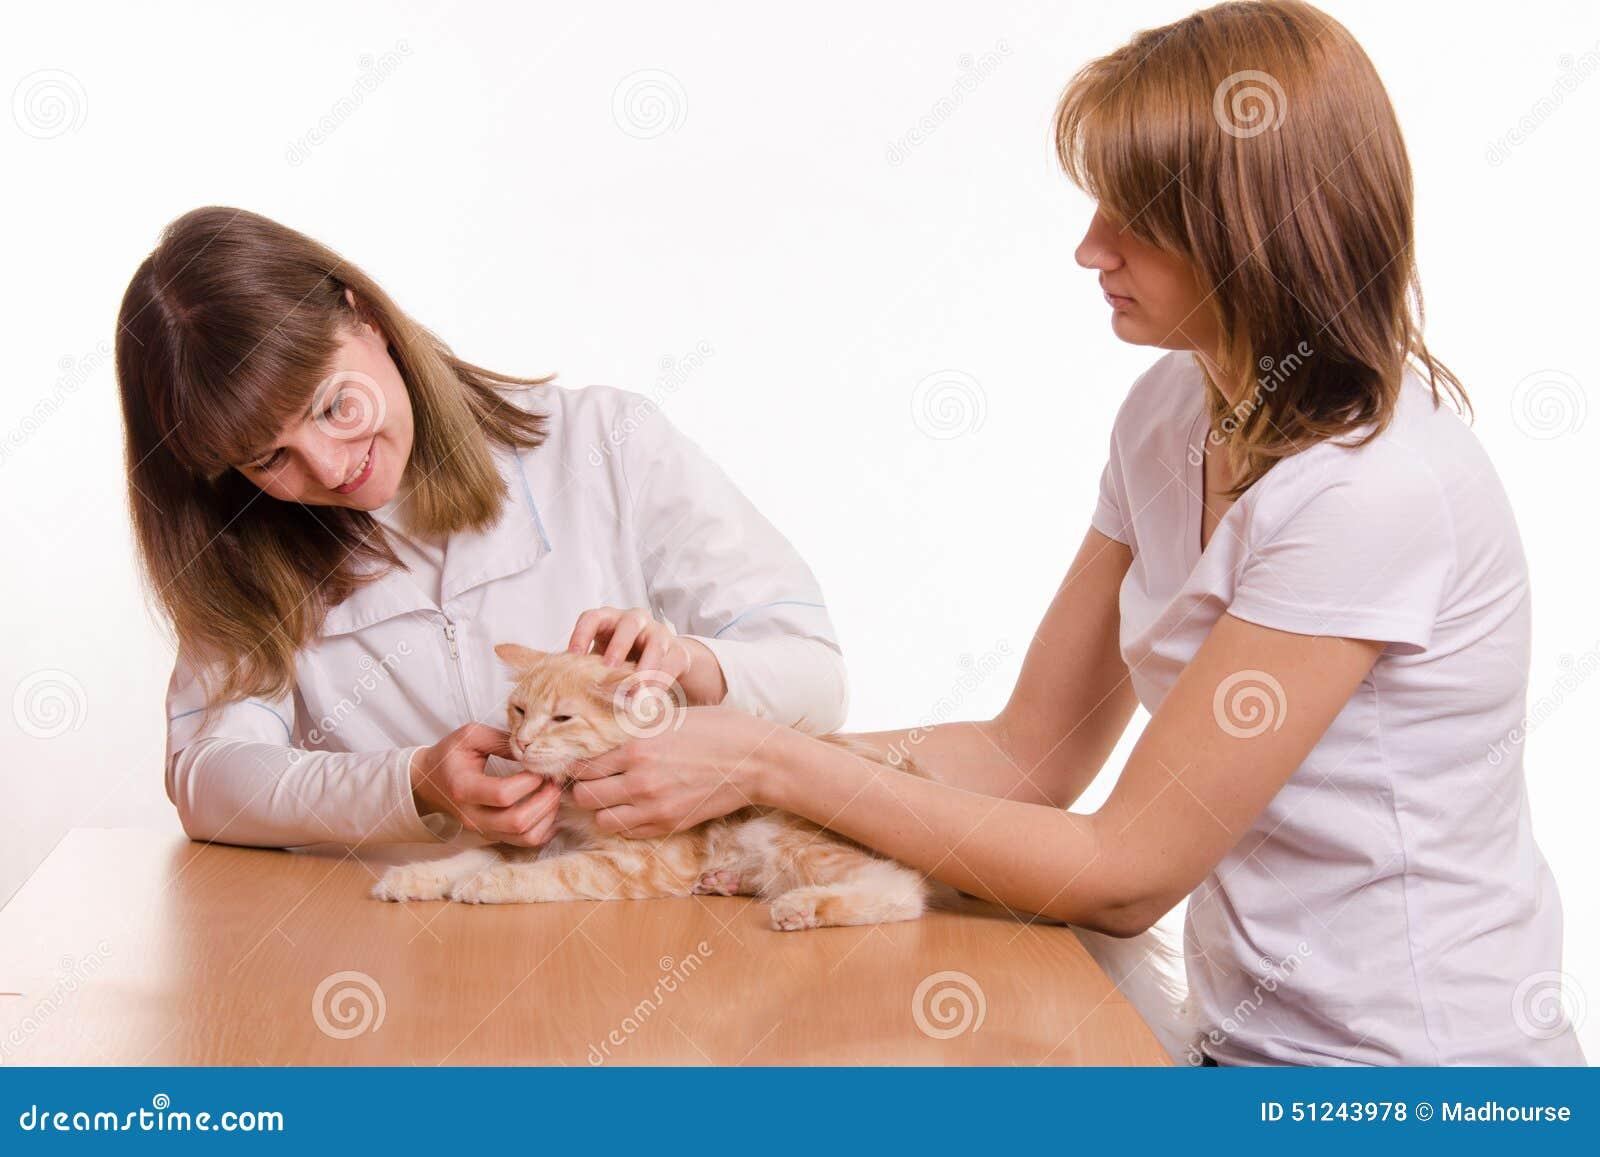 La presentadora trajo el gato a la cita del veterinario